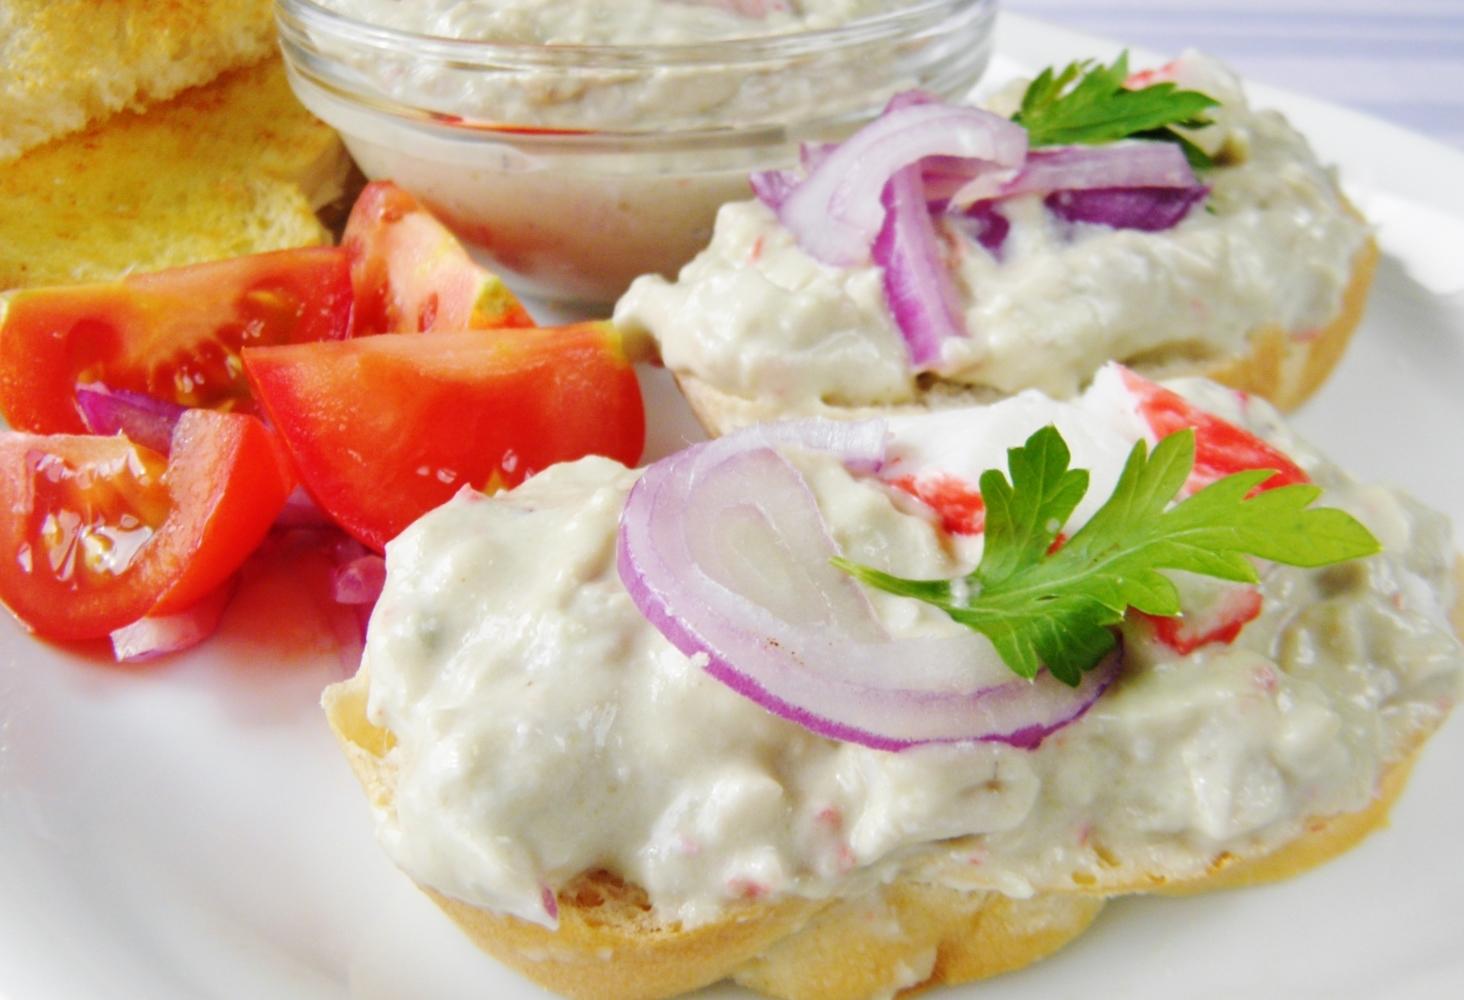 Krabí salát s avokádem